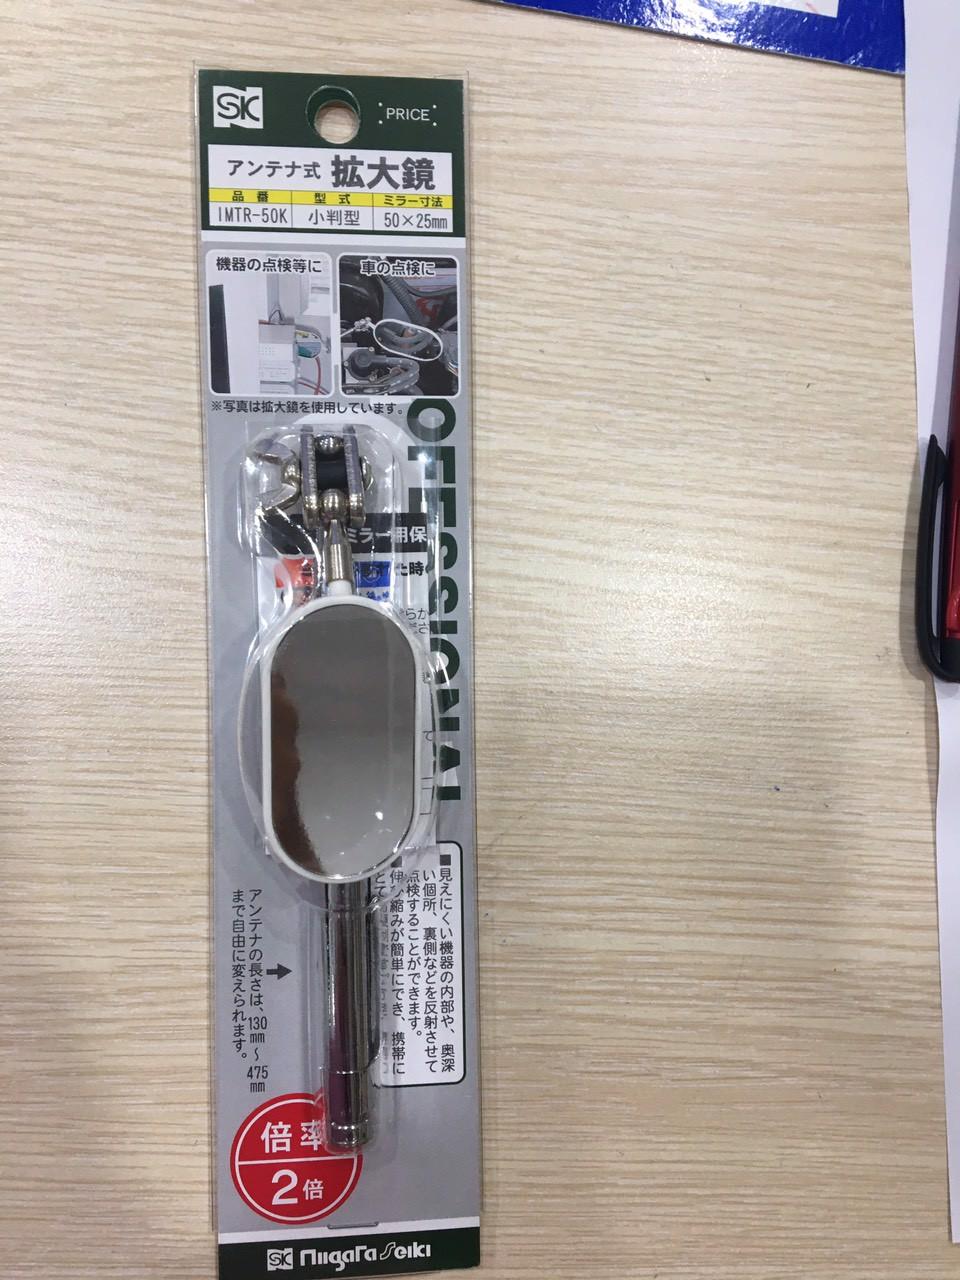 Gương soi mối hàn soi kỹ thuật Ø 50mm Niigata IMTR-50K